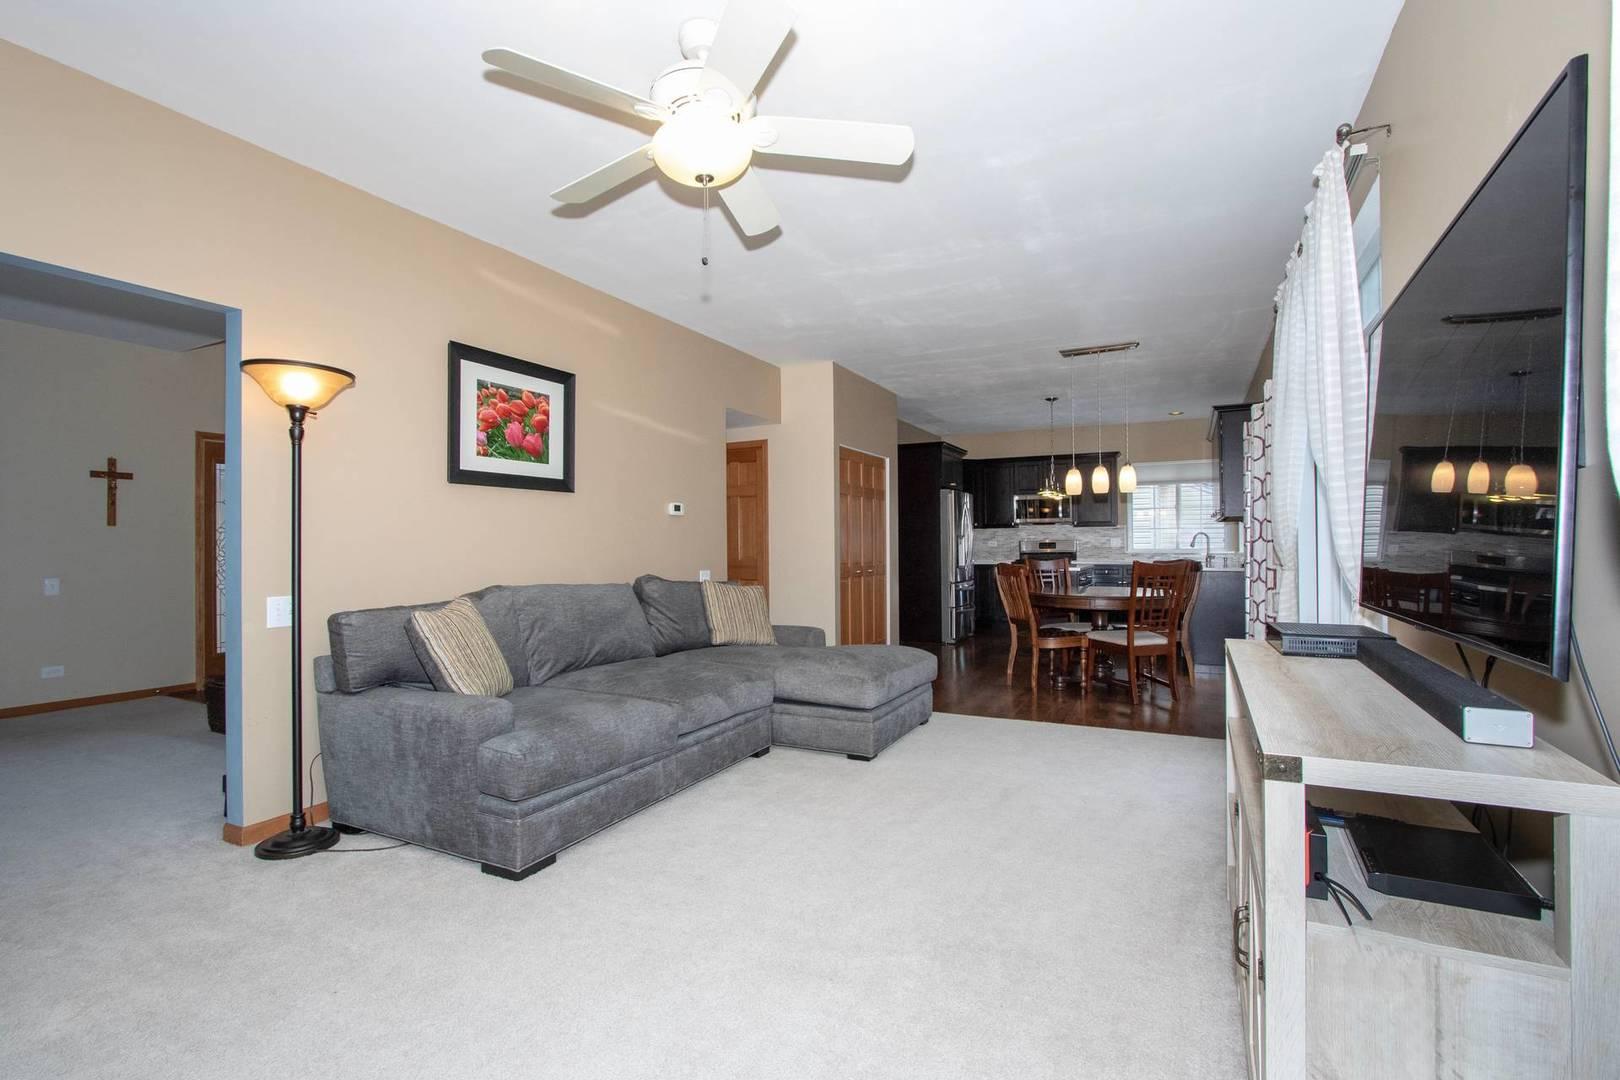 532 ROSE, BARTLETT, Illinois, 60103